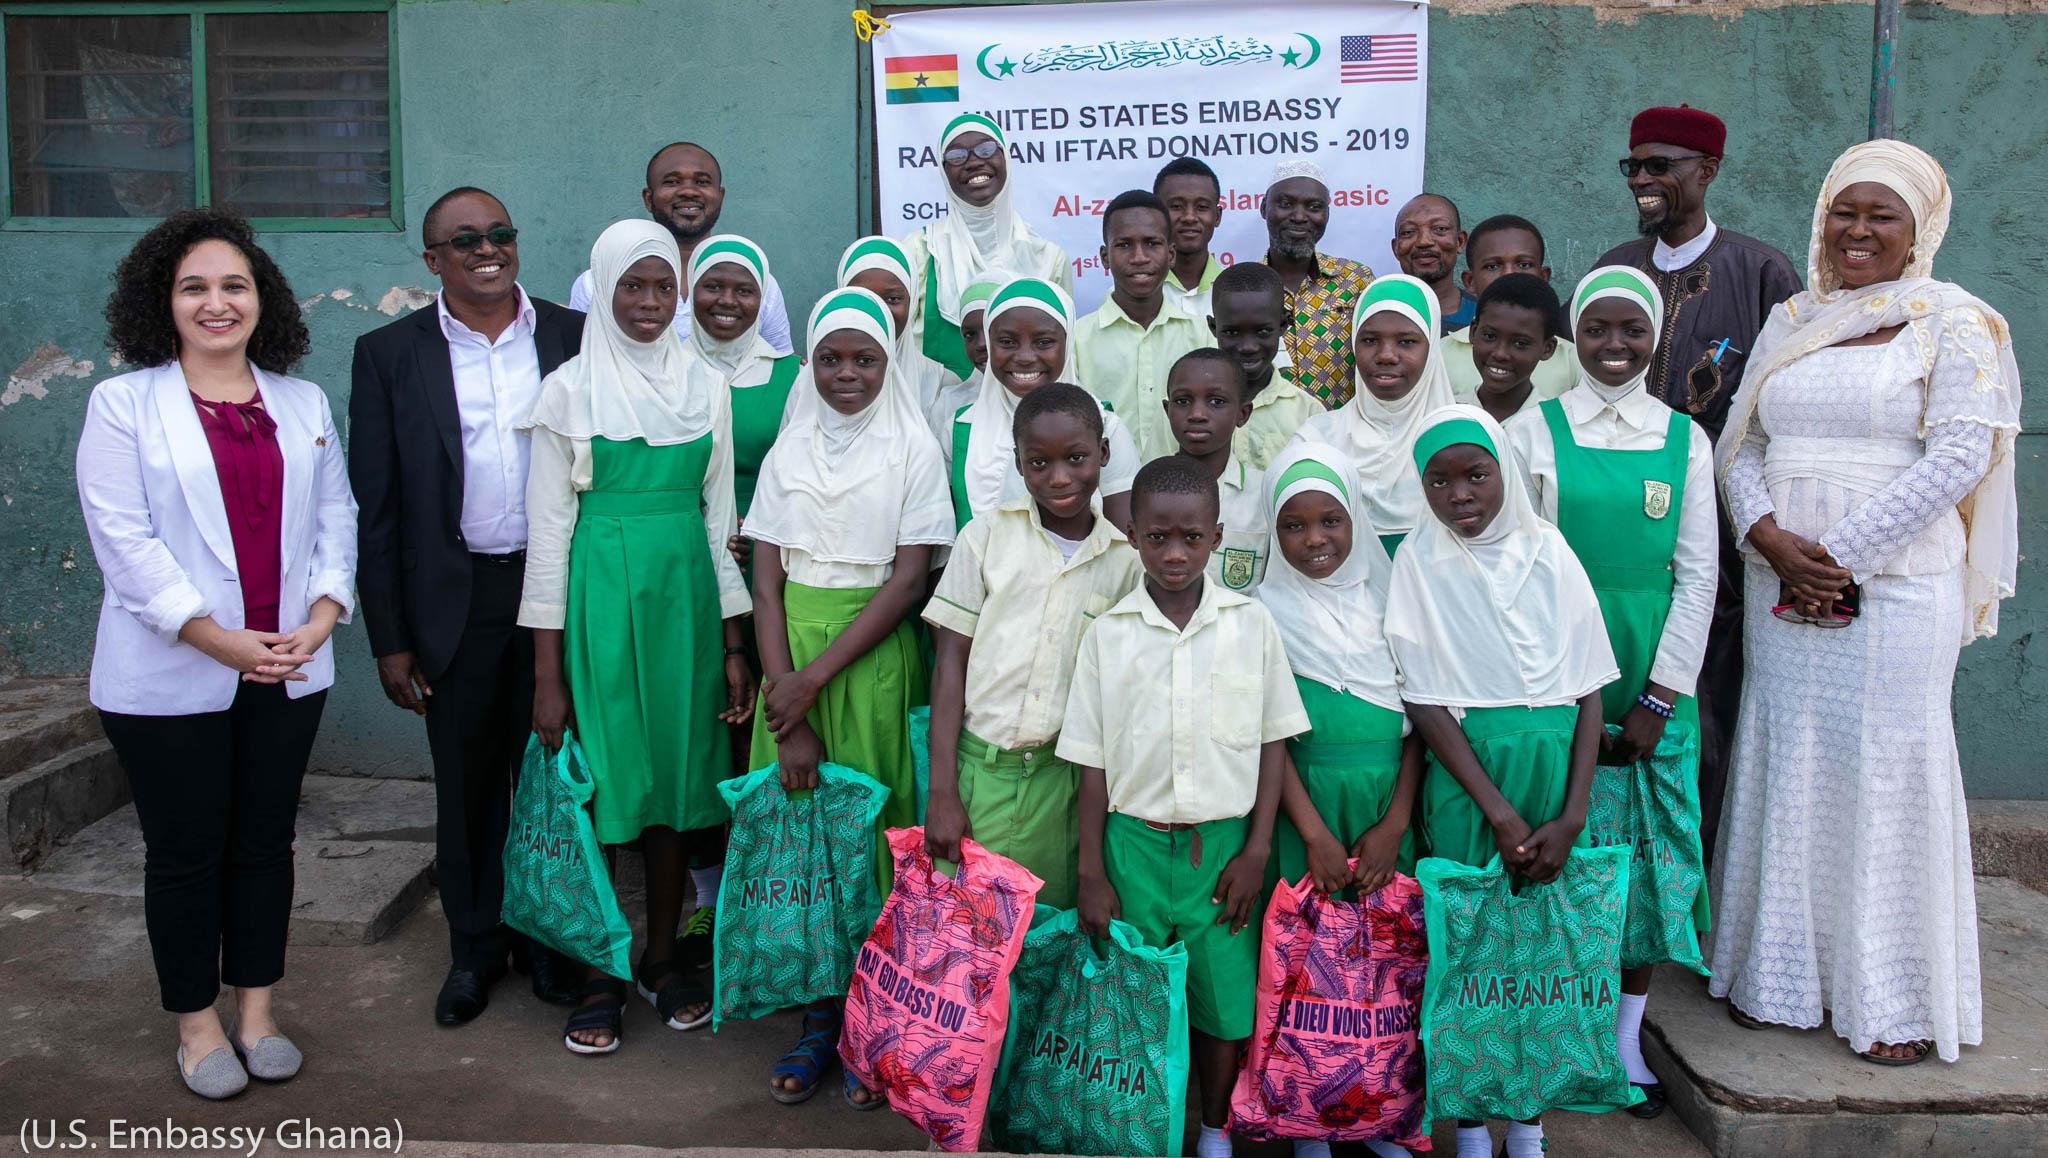 گروپ فوٹو کے لیے طالبات کے ساتھ کھڑے بالغ افراد۔ (U.S. Embassy Ghana)